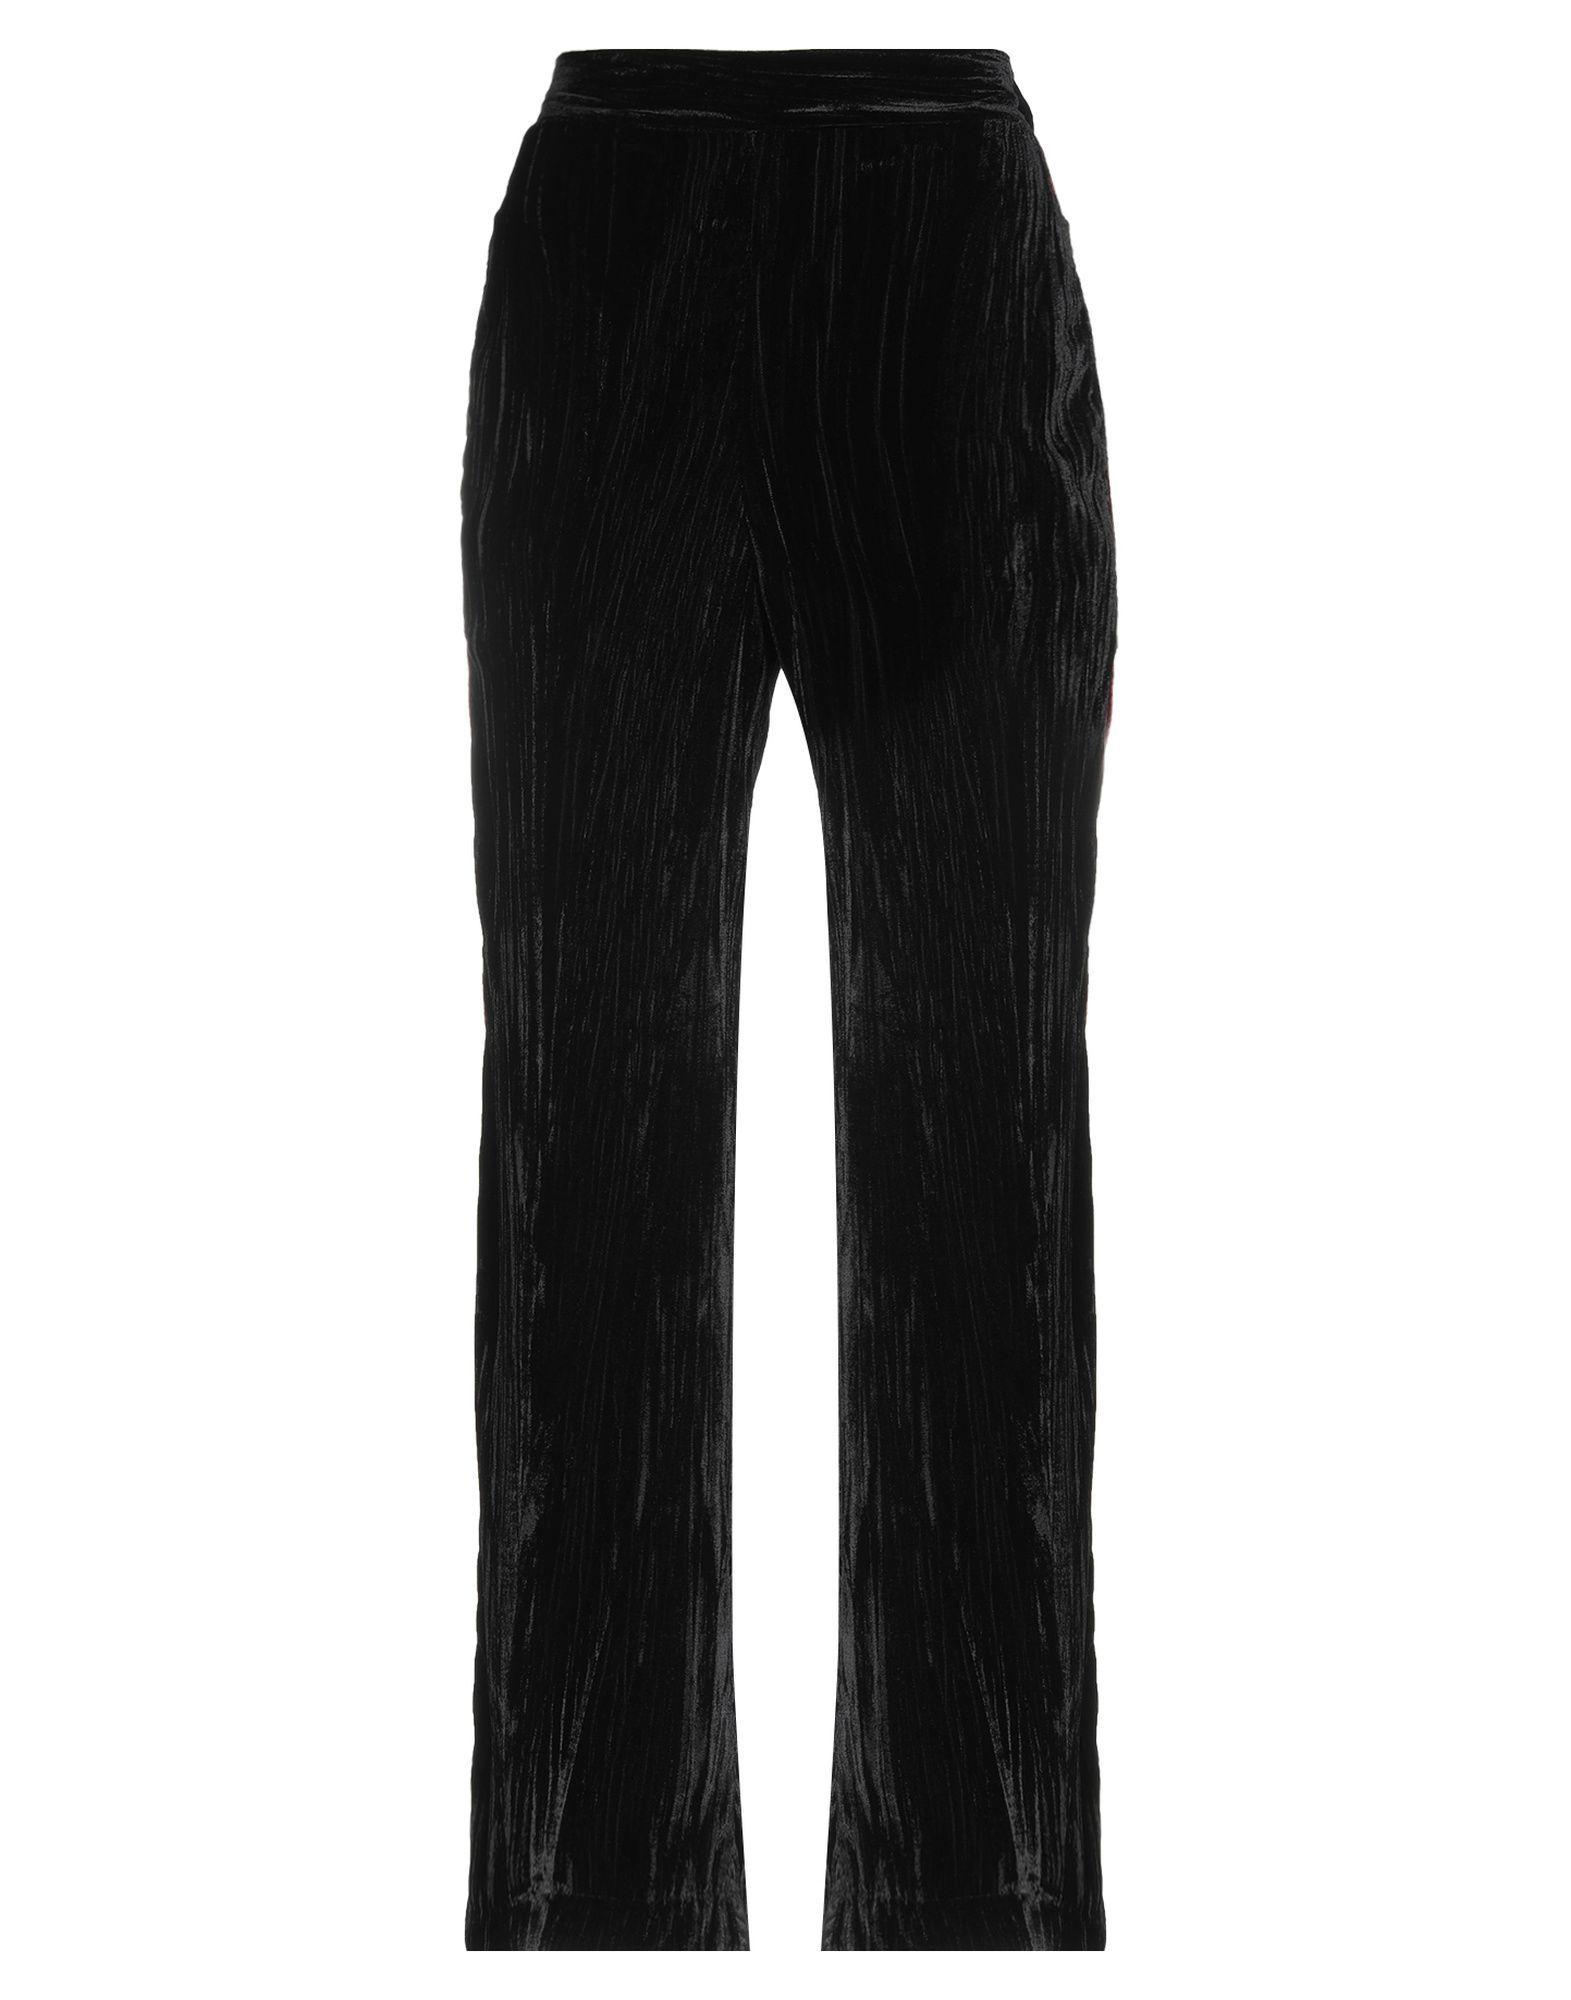 Trousers Vicolo Black Women's Viscose